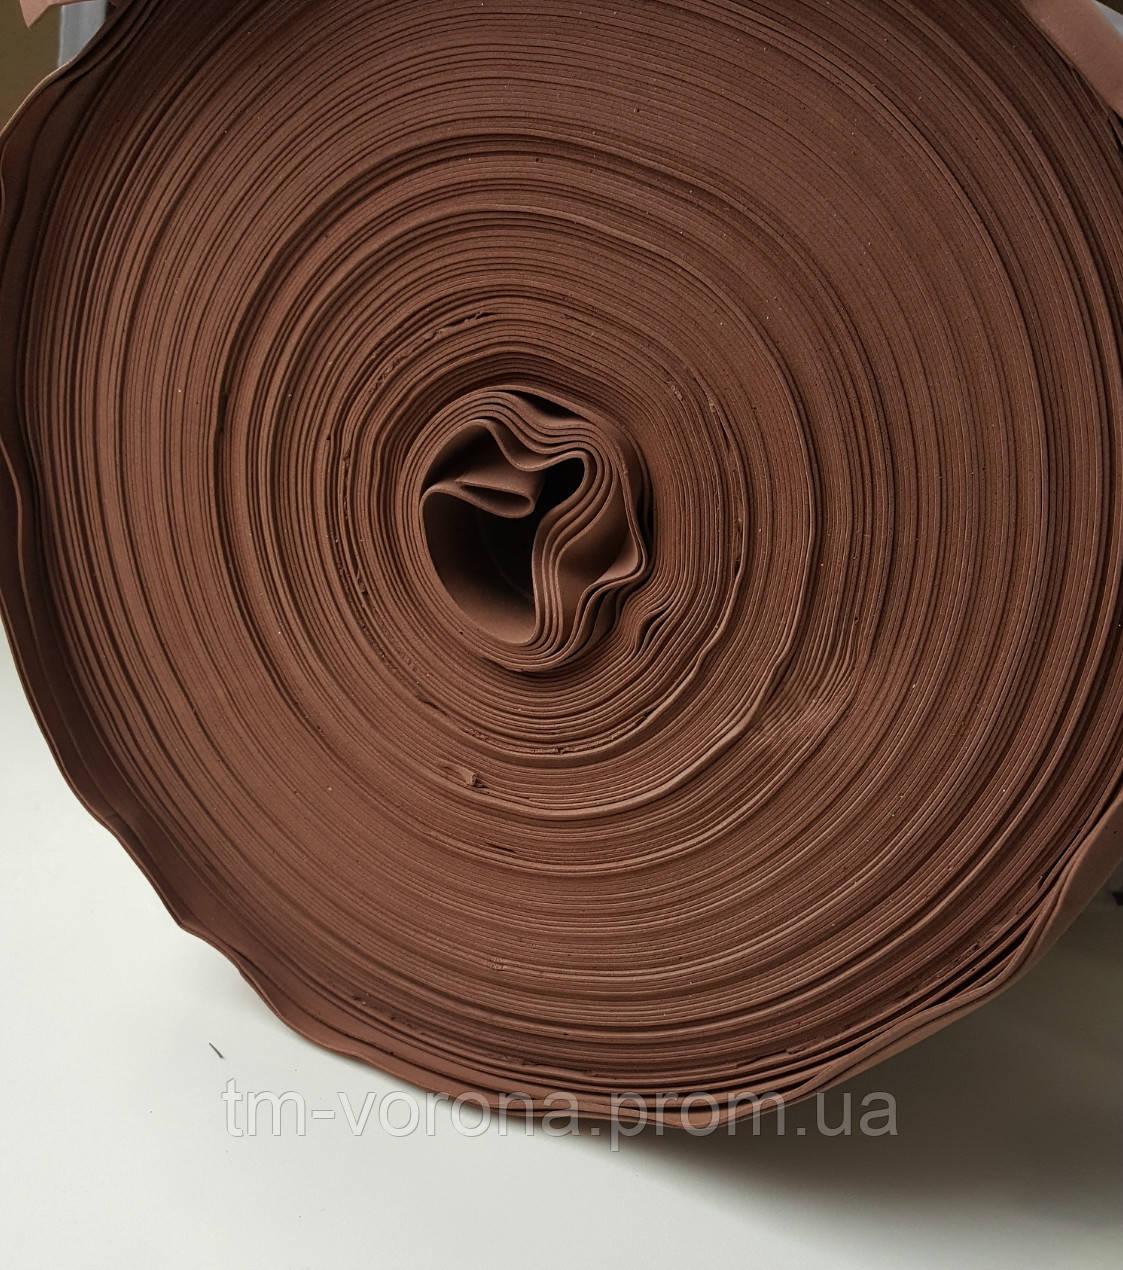 Рулонный фоамиран (коричневый, шоколад)